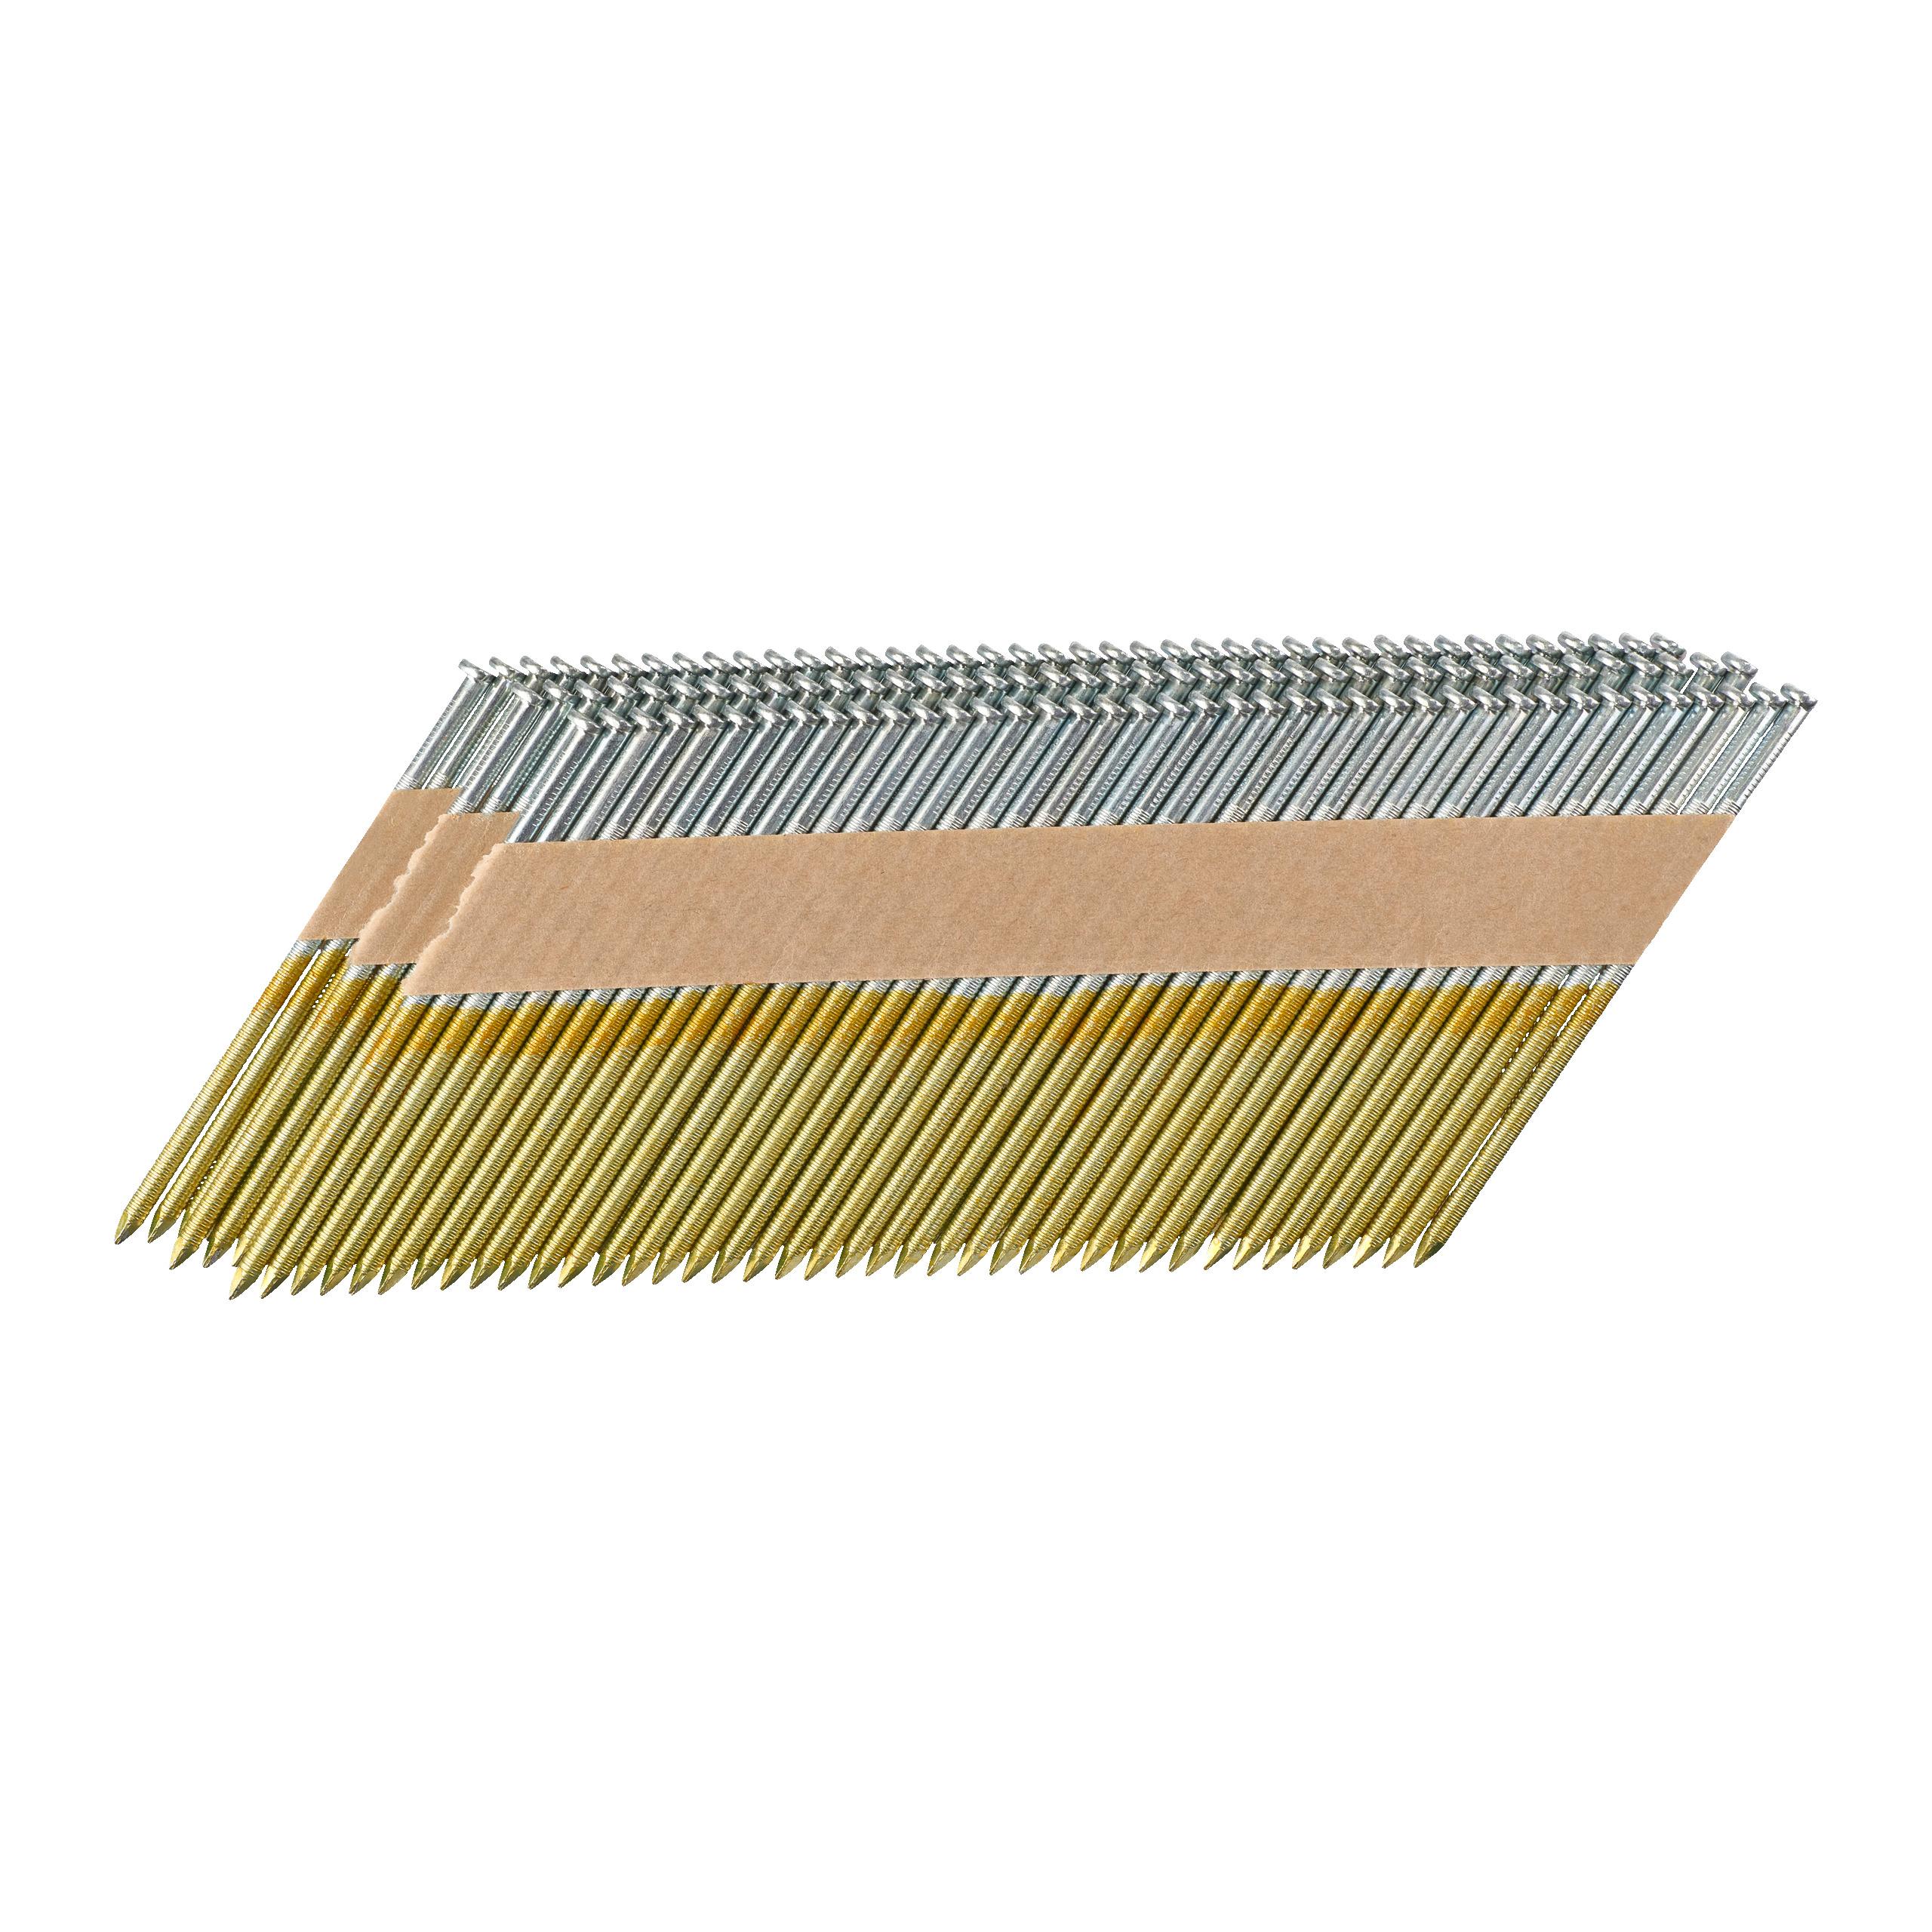 Hřebíky 7,4x3,1/90mm RS galvanizované-3000 ks